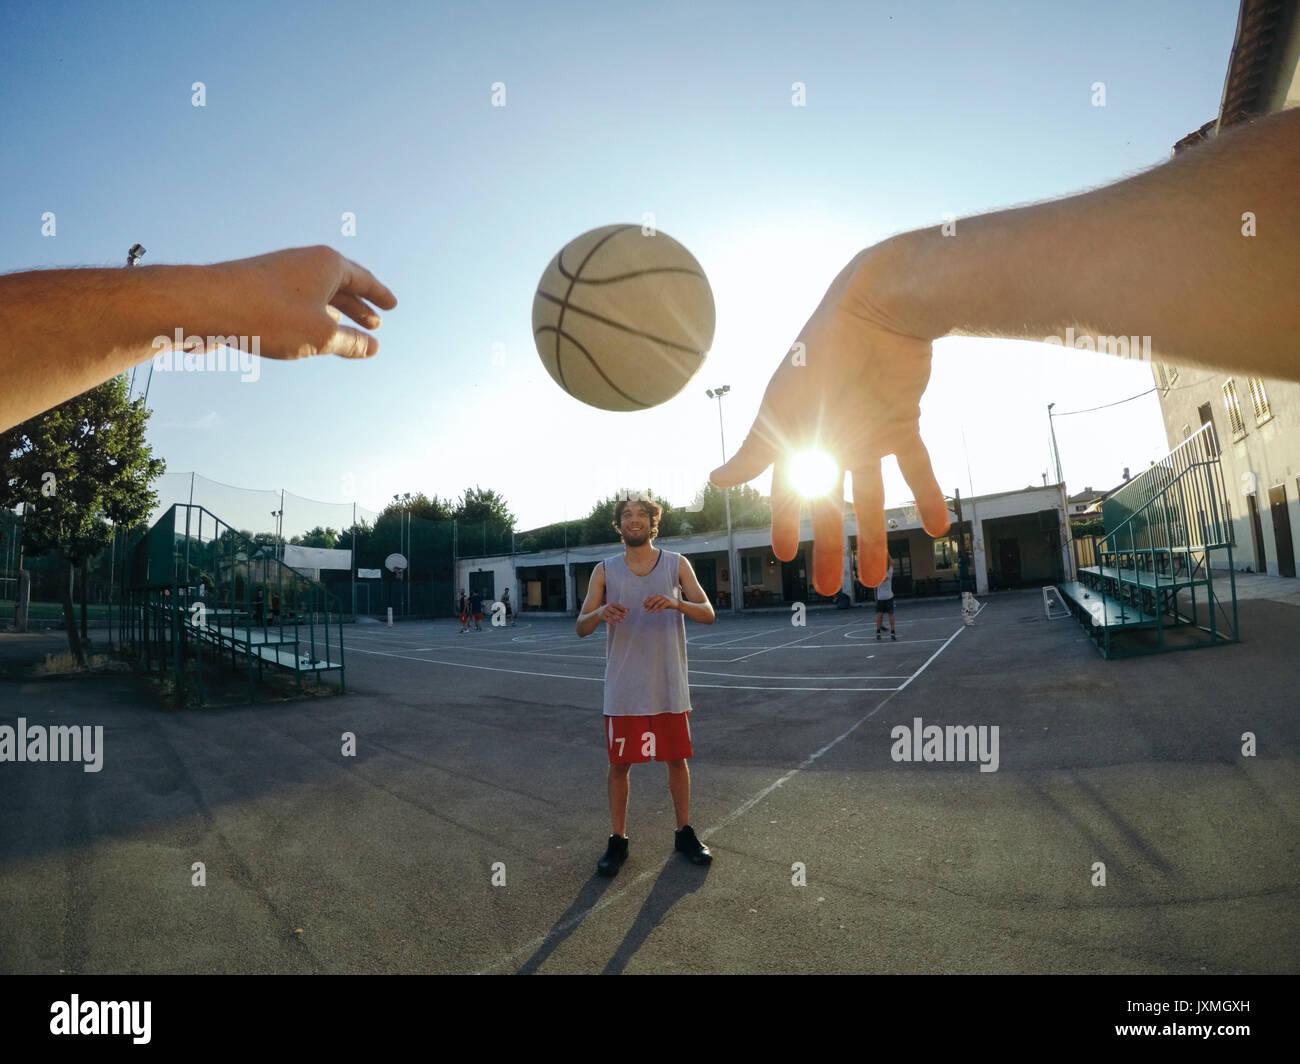 Punto di vista immagine di uomo gettando basketball presso il compagno di squadra Immagini Stock